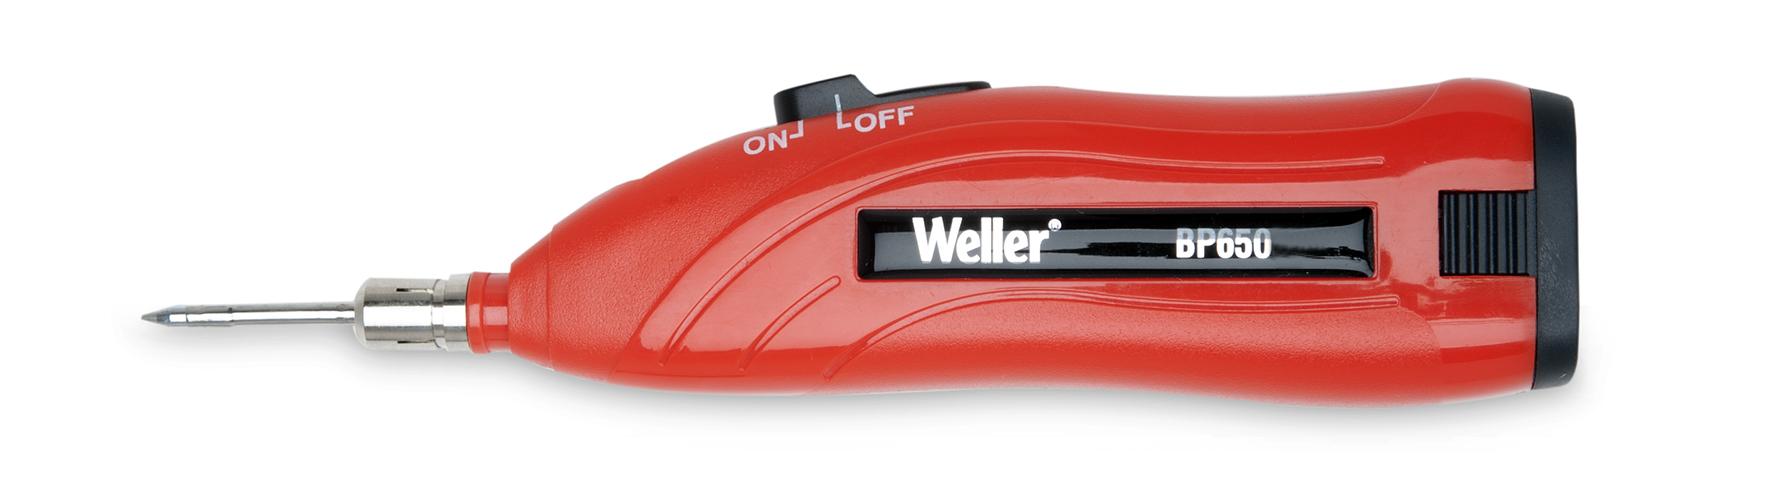 Weller Consumer Batterie-Lötkolben BP650CEU